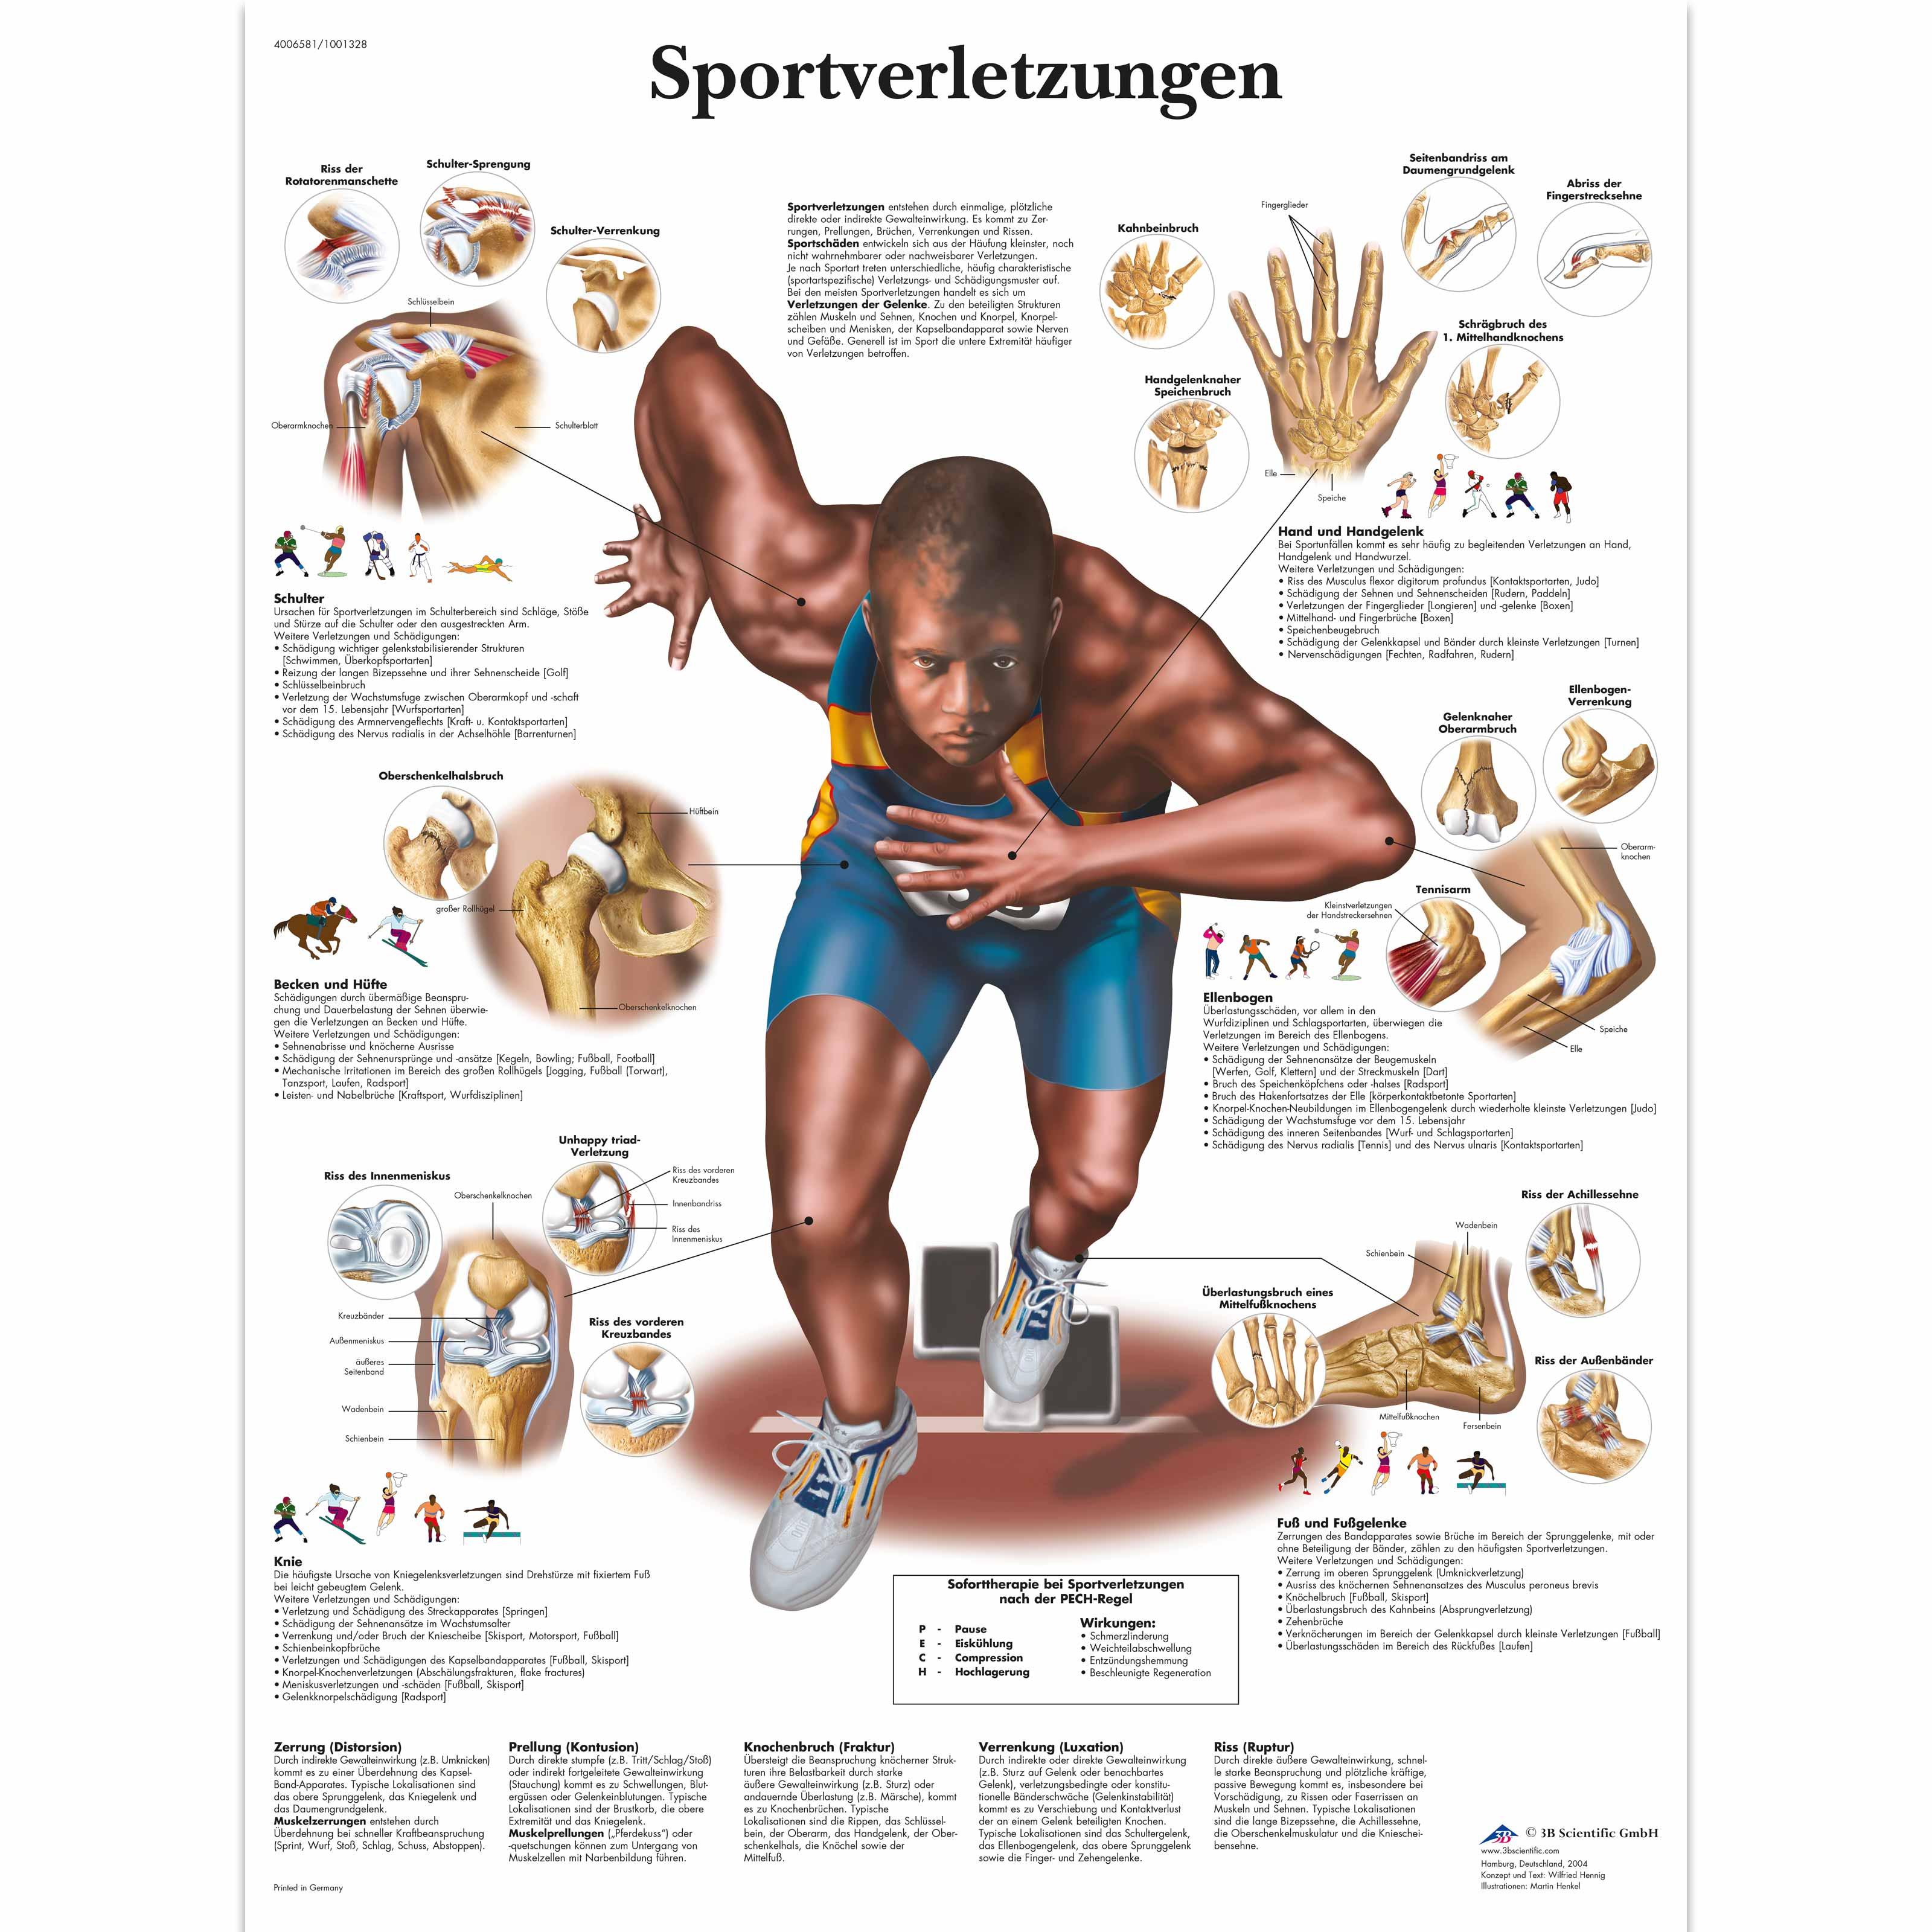 Sportverletzungen - 4006581 - VR0188UU - Muscle - 3B Scientific